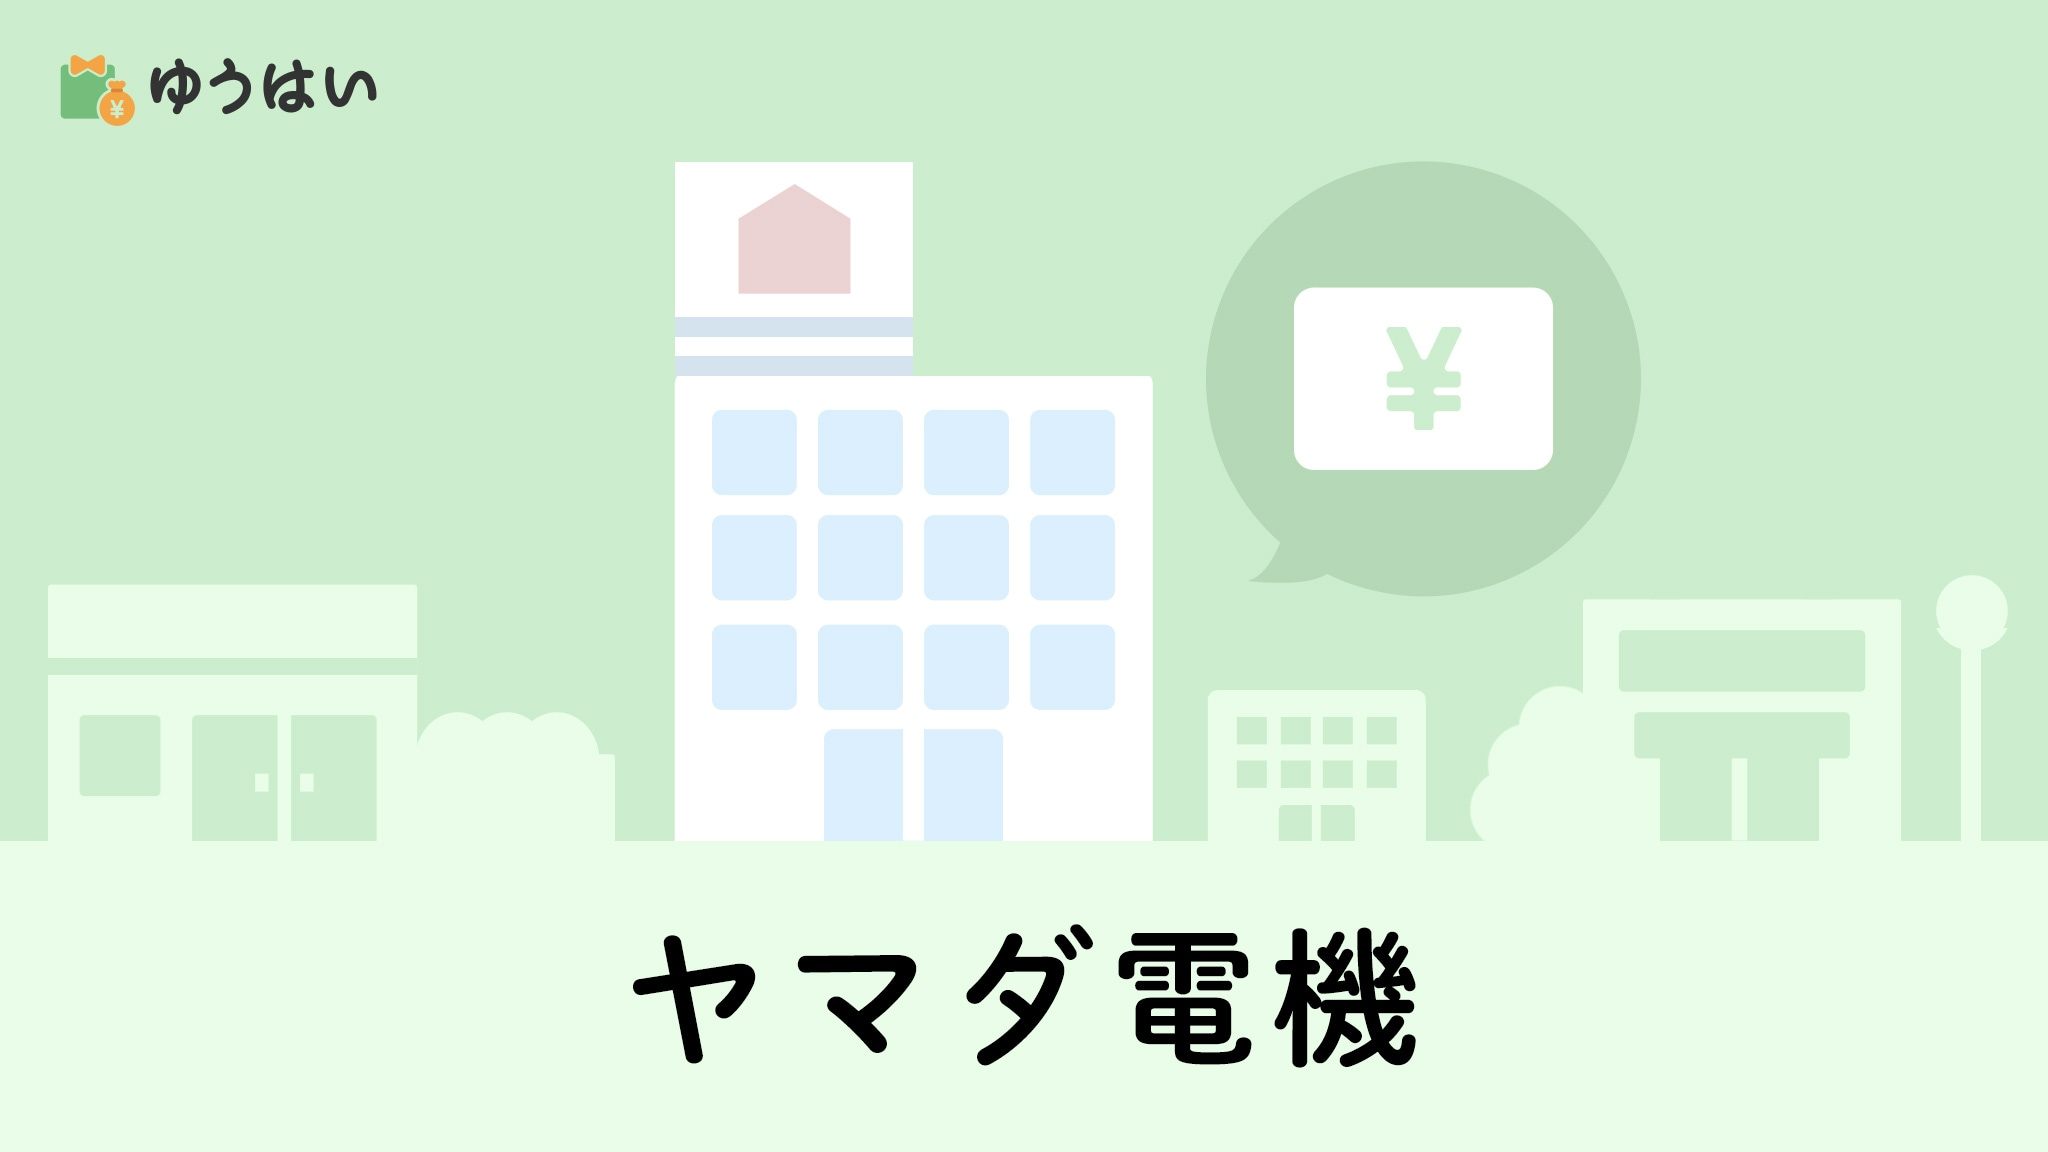 ヤマダ電機(9831)の株主優待と配当金